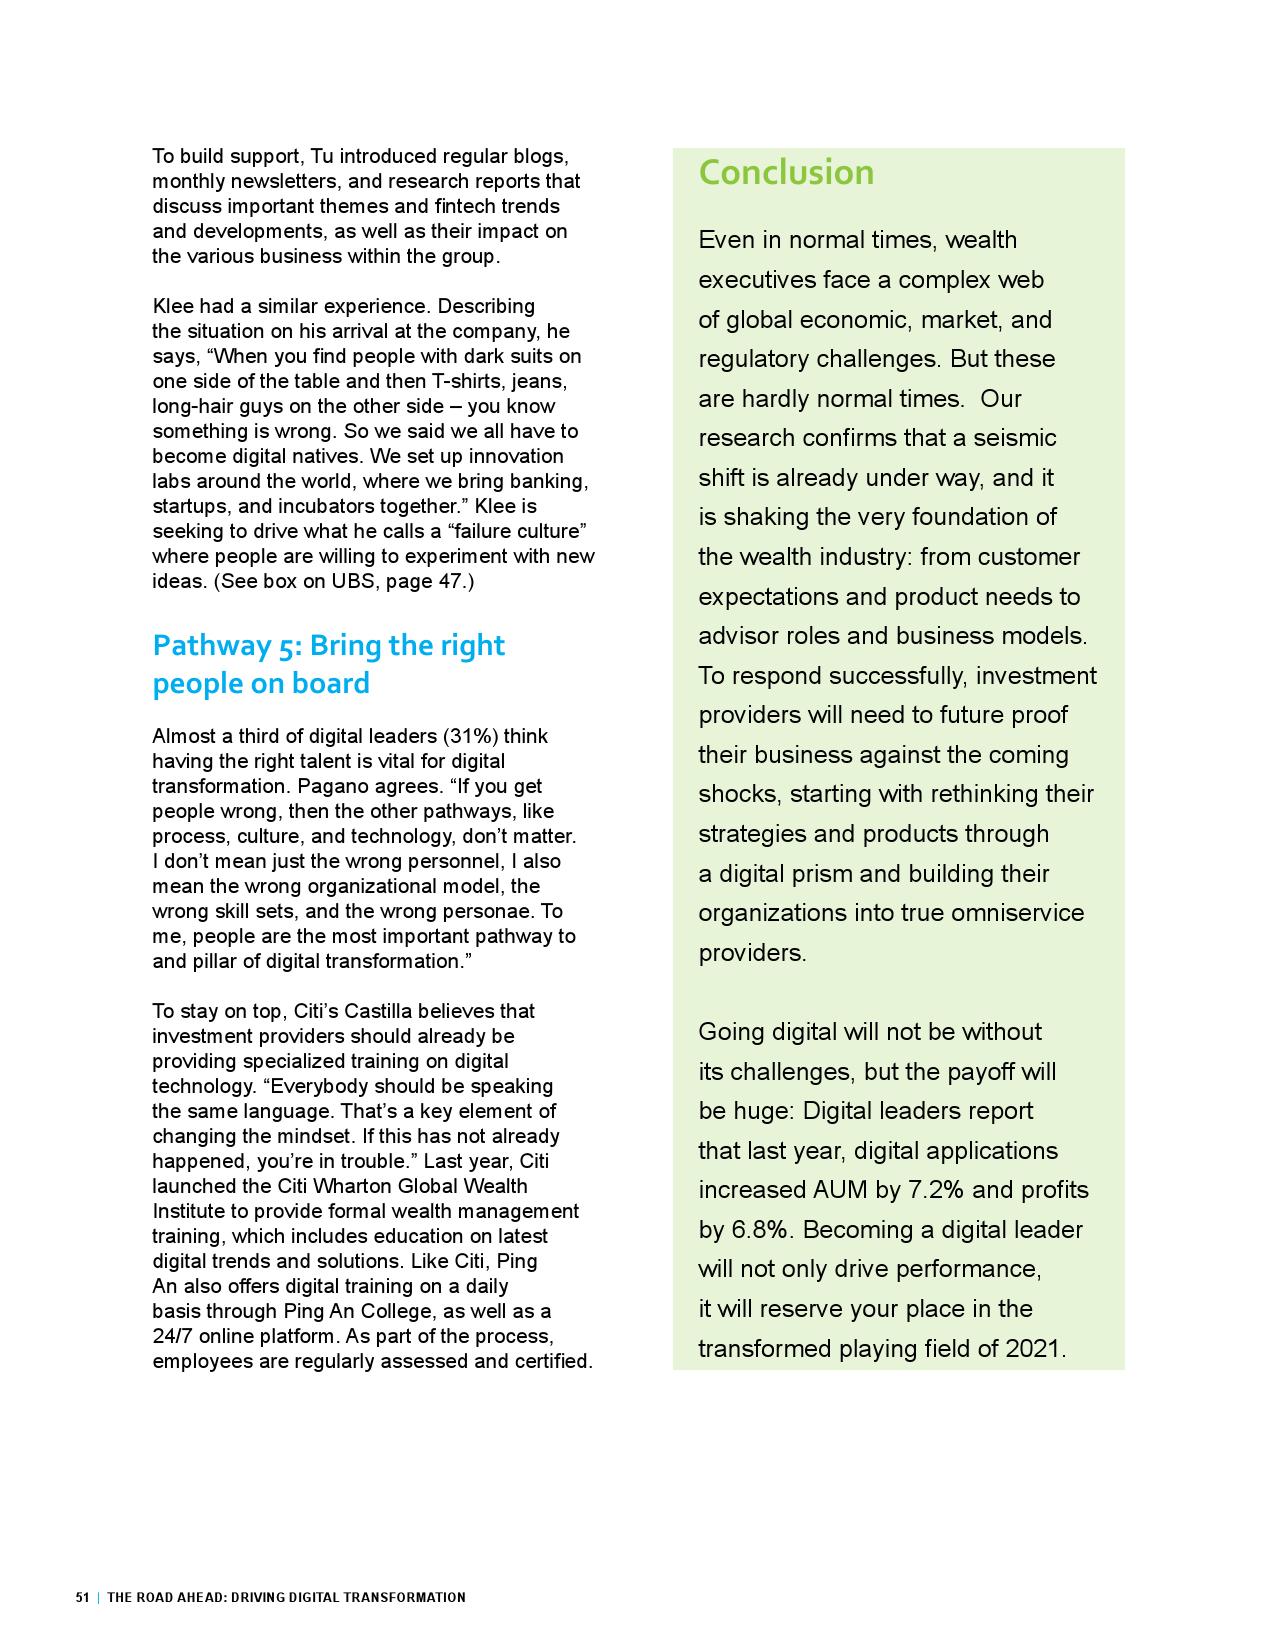 2021年资产和资产管理_000052